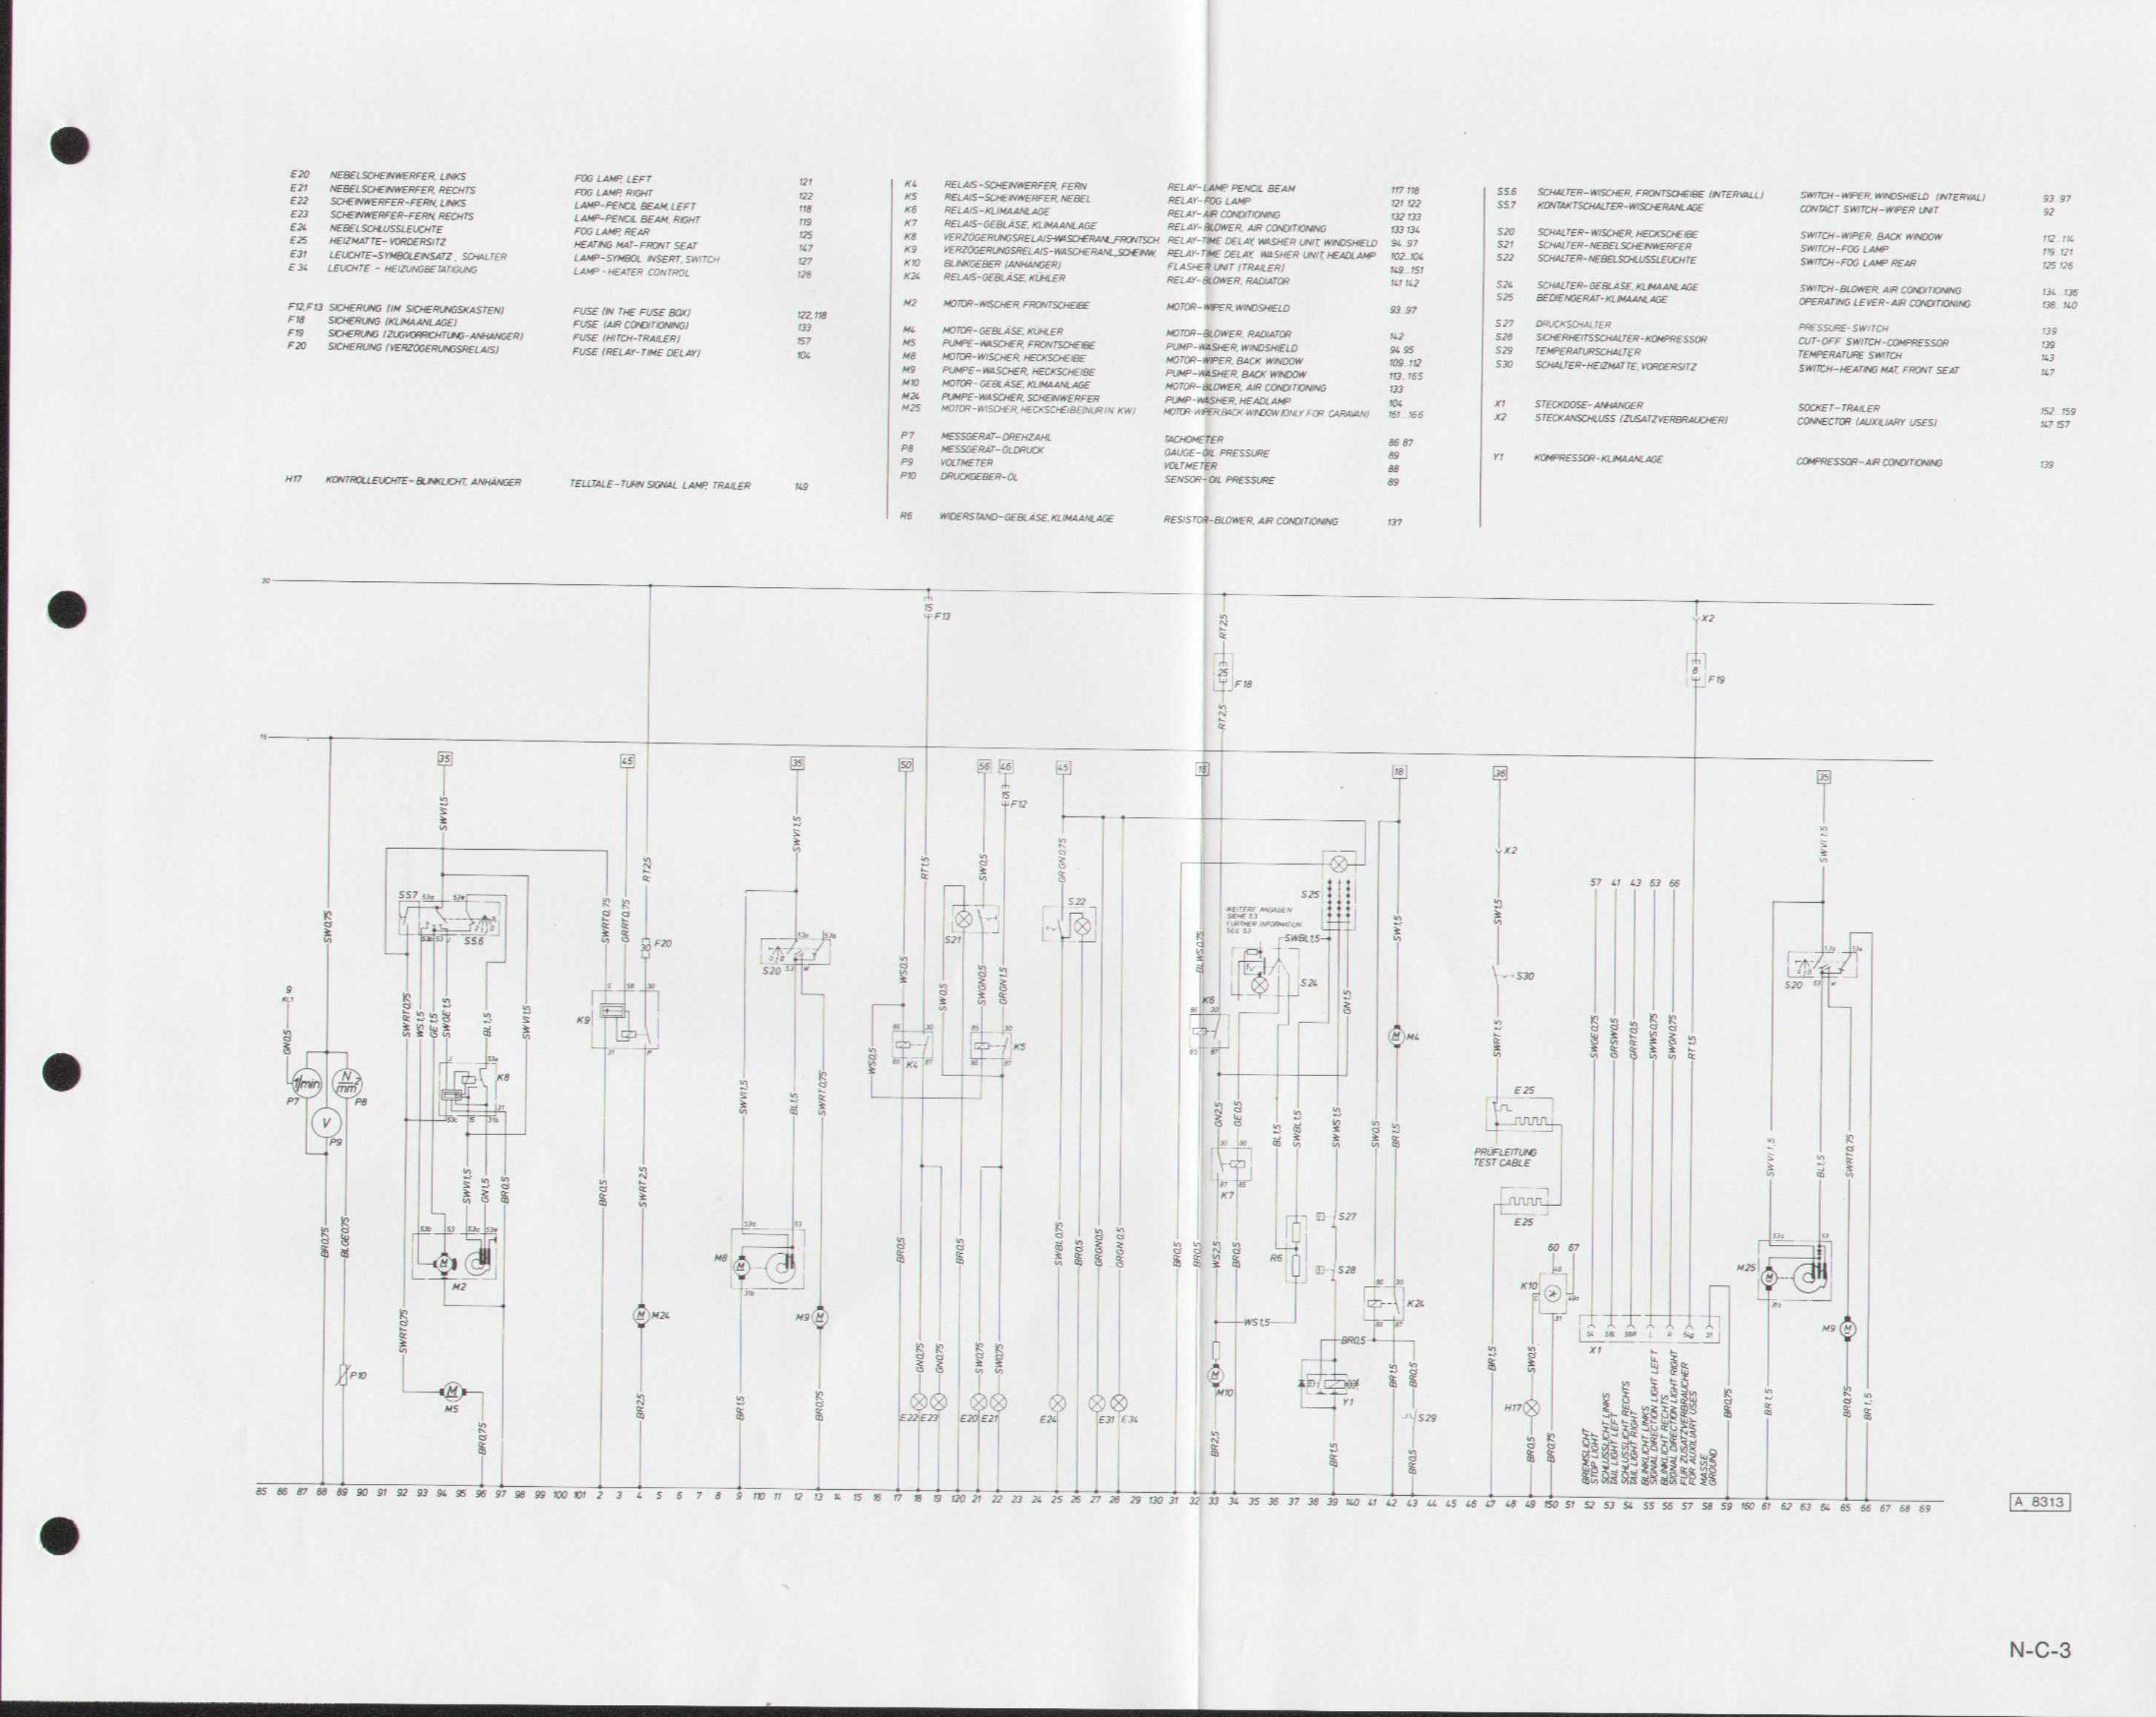 Beste Schaltplan 1 8 Stereo Buchsenstecker Fotos - Der Schaltplan ...